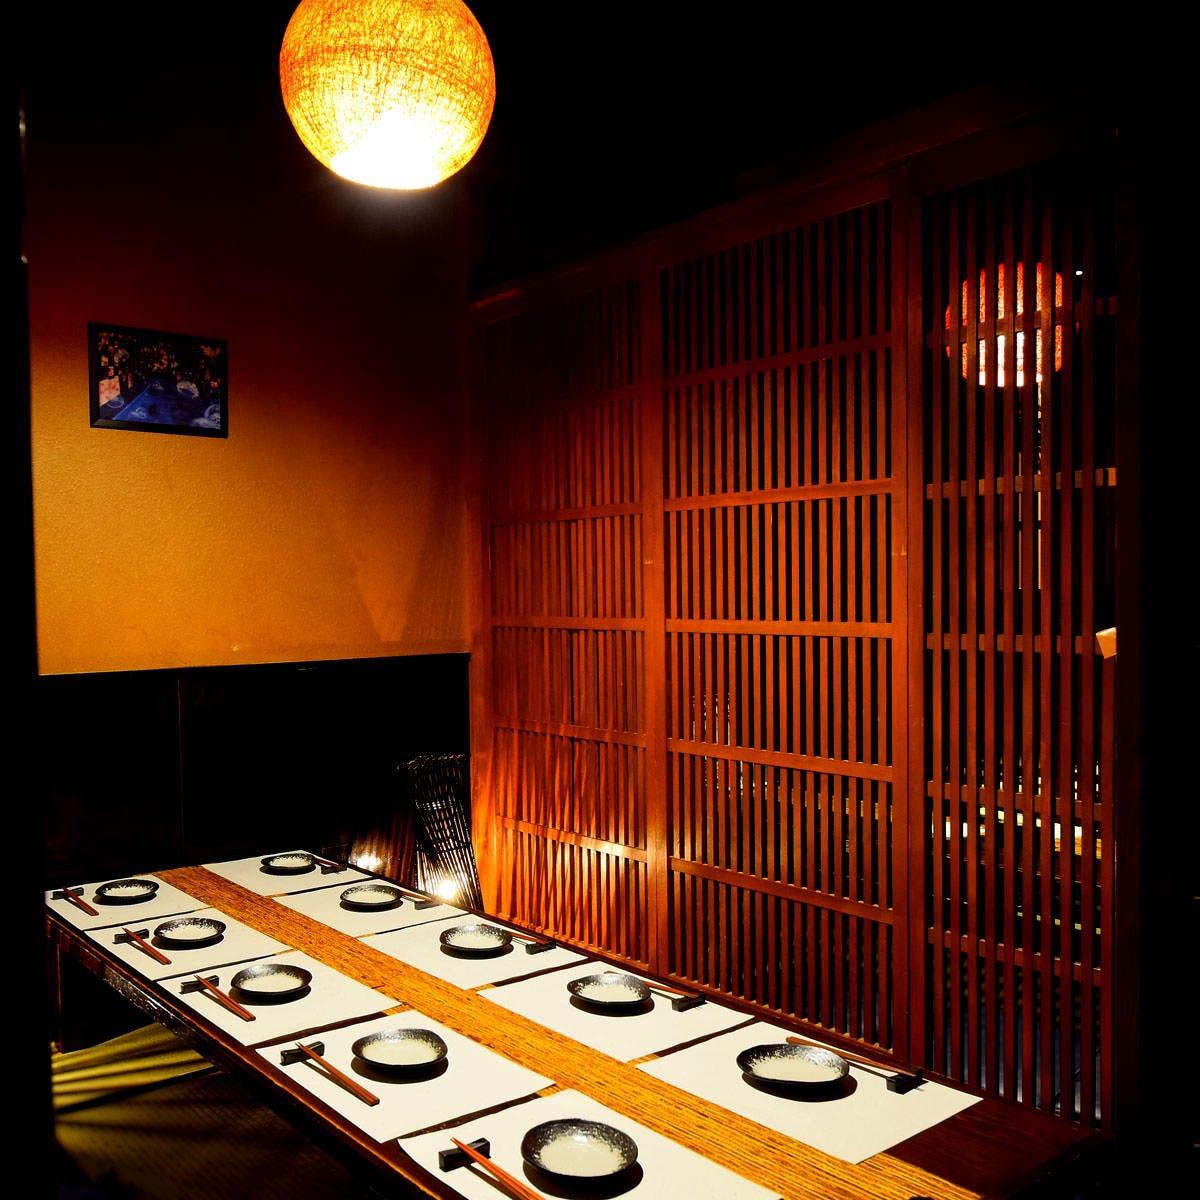 個室居酒屋 蔵之介ーKURANOSUKEー 土浦店